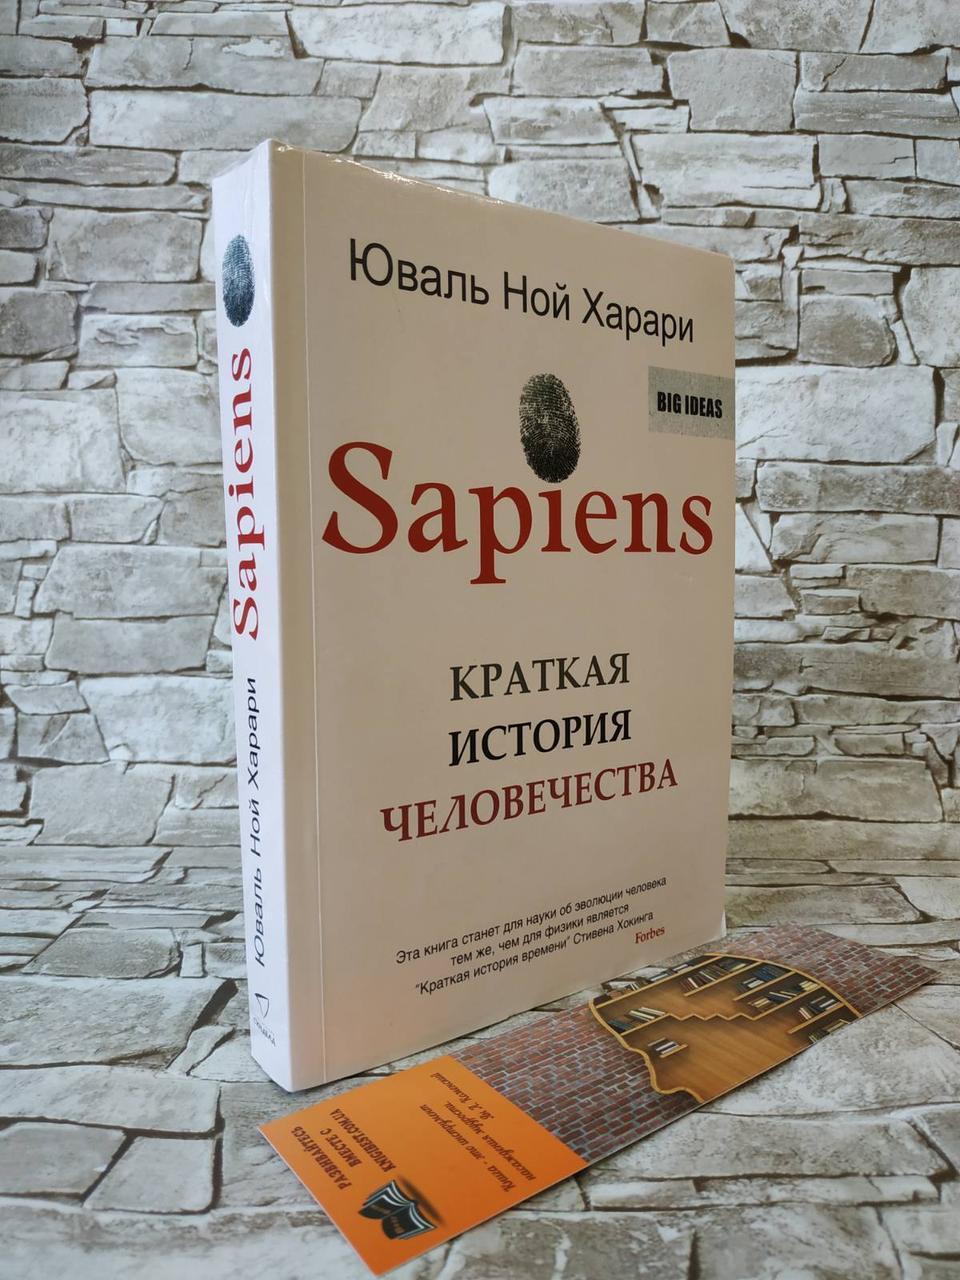 """Книга """"Sapiens. Краткая история человечества"""" Юваль Ной Харари. Бестселлер"""